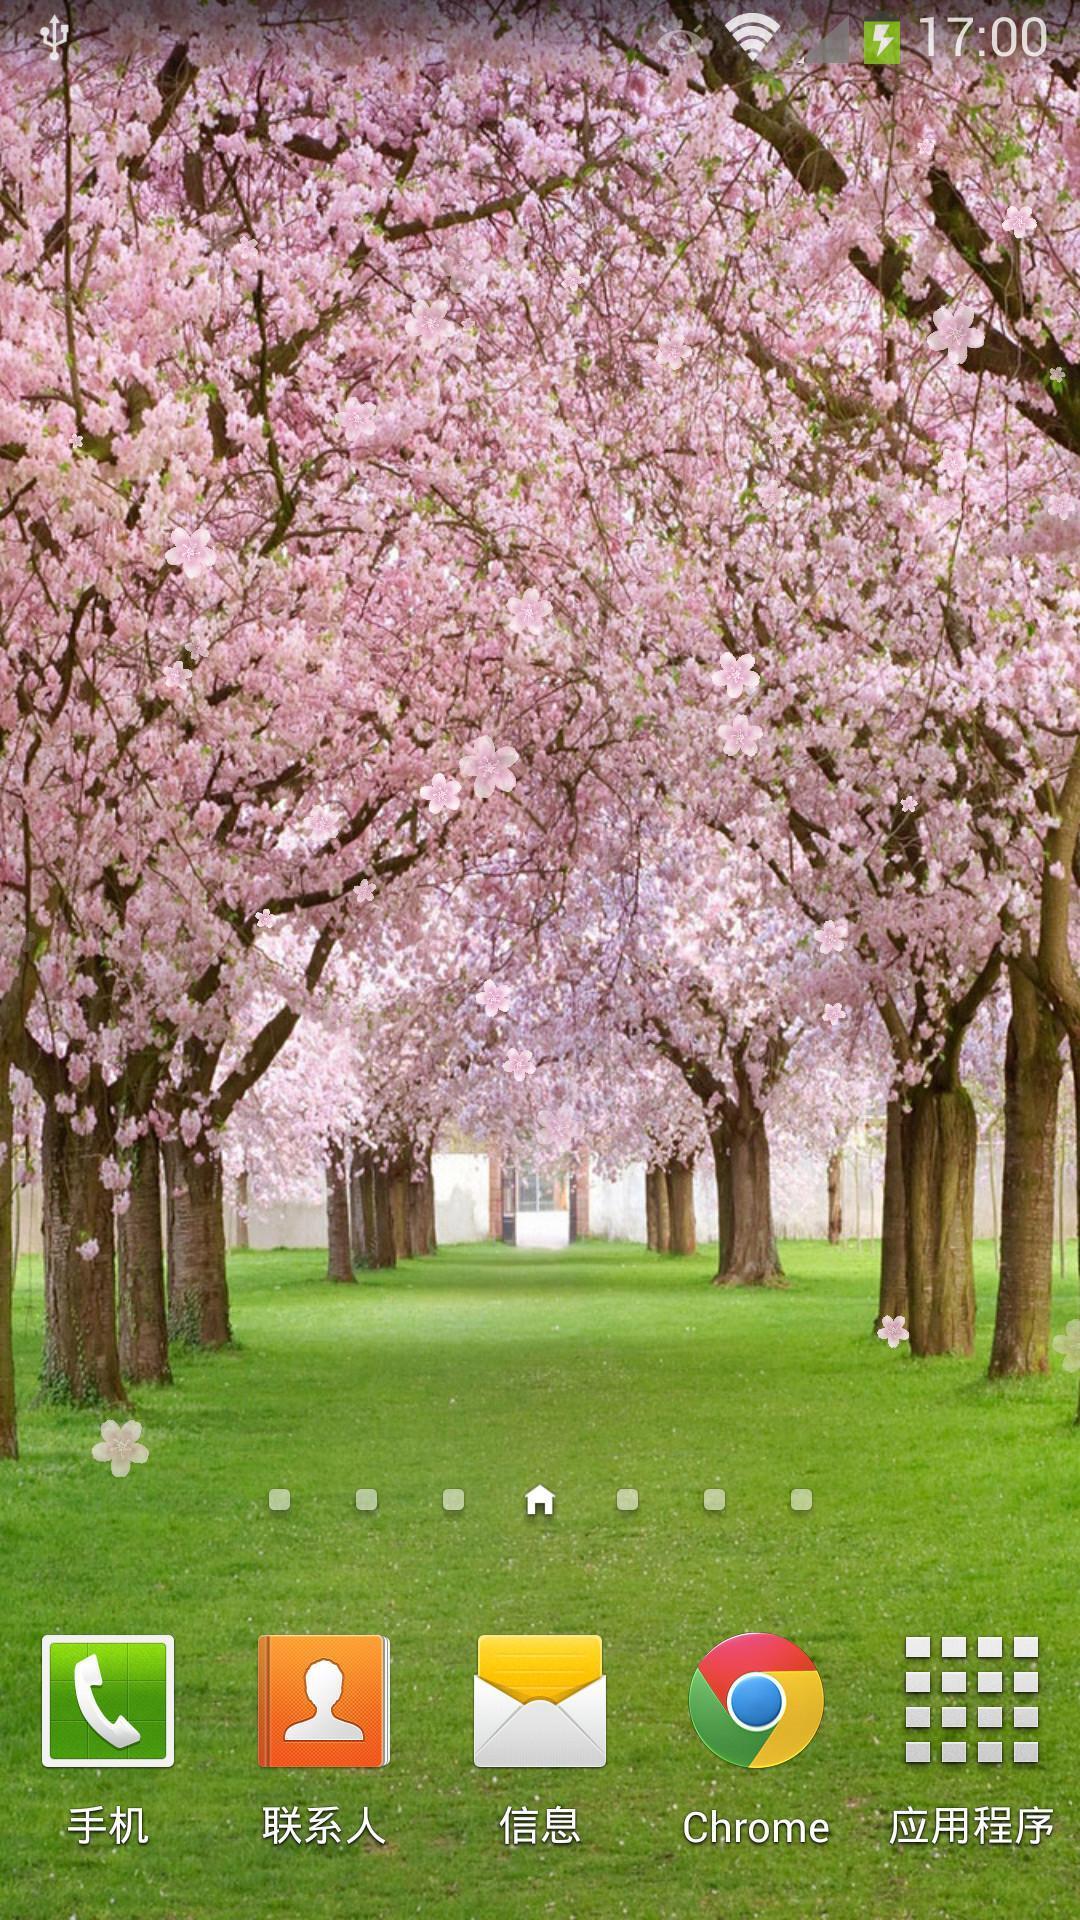 桃花动态壁纸 -- 漂亮的桃花树背景图片 -- 飘落的桃花效果 --触屏